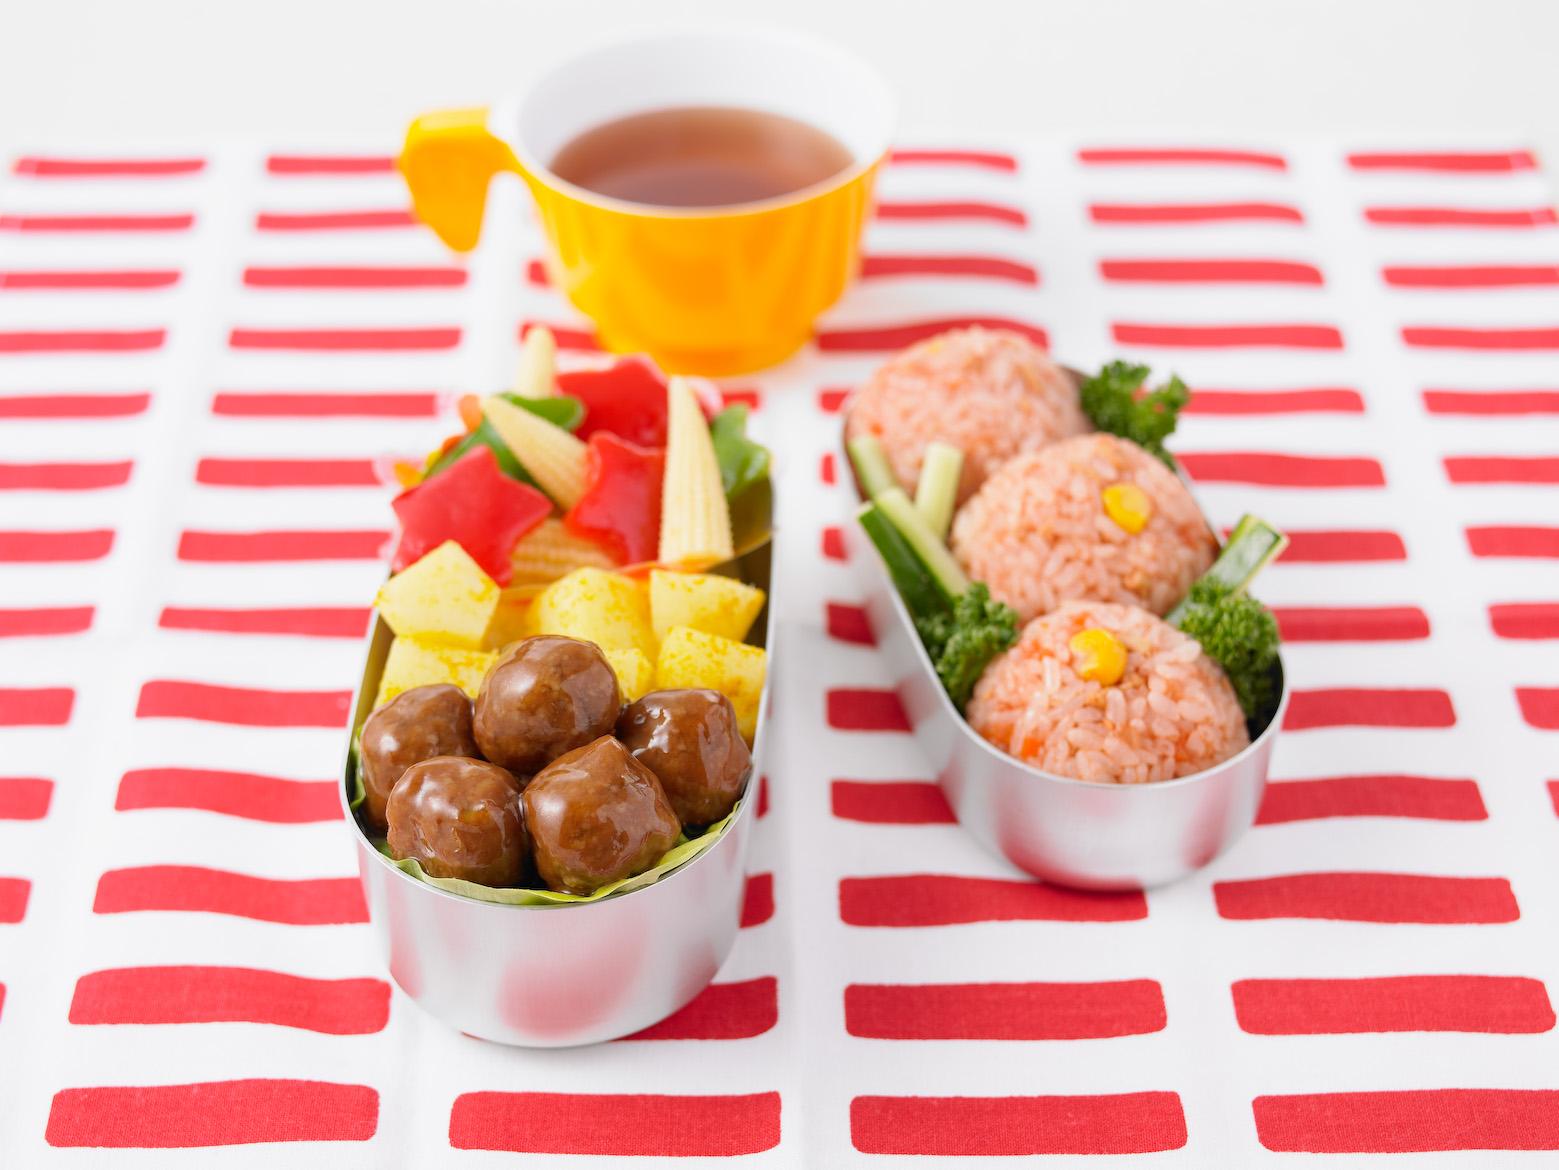 テリヤキミートボール野菜たくさんお弁当